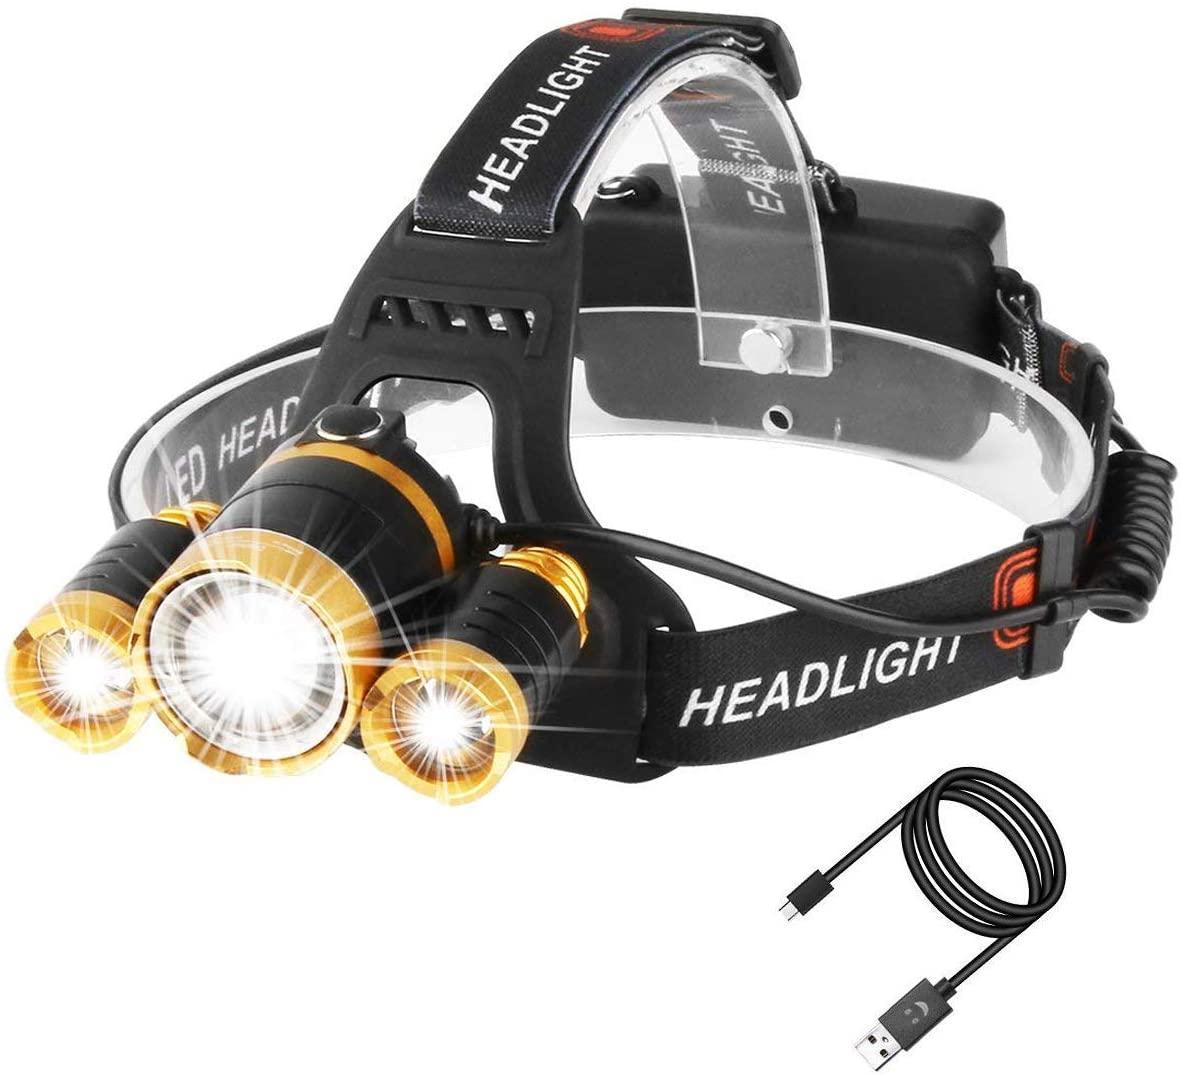 Lampe Frontale Puissante à 5000 lumens, Lampe Torche LED de Haute Qualité Zoomable et Étanche avec 2 x 18650 Batterie Rechargeable pour la Cave,la Spéléologie, la Chasse,l'Excursion, la Pêche,les Trav